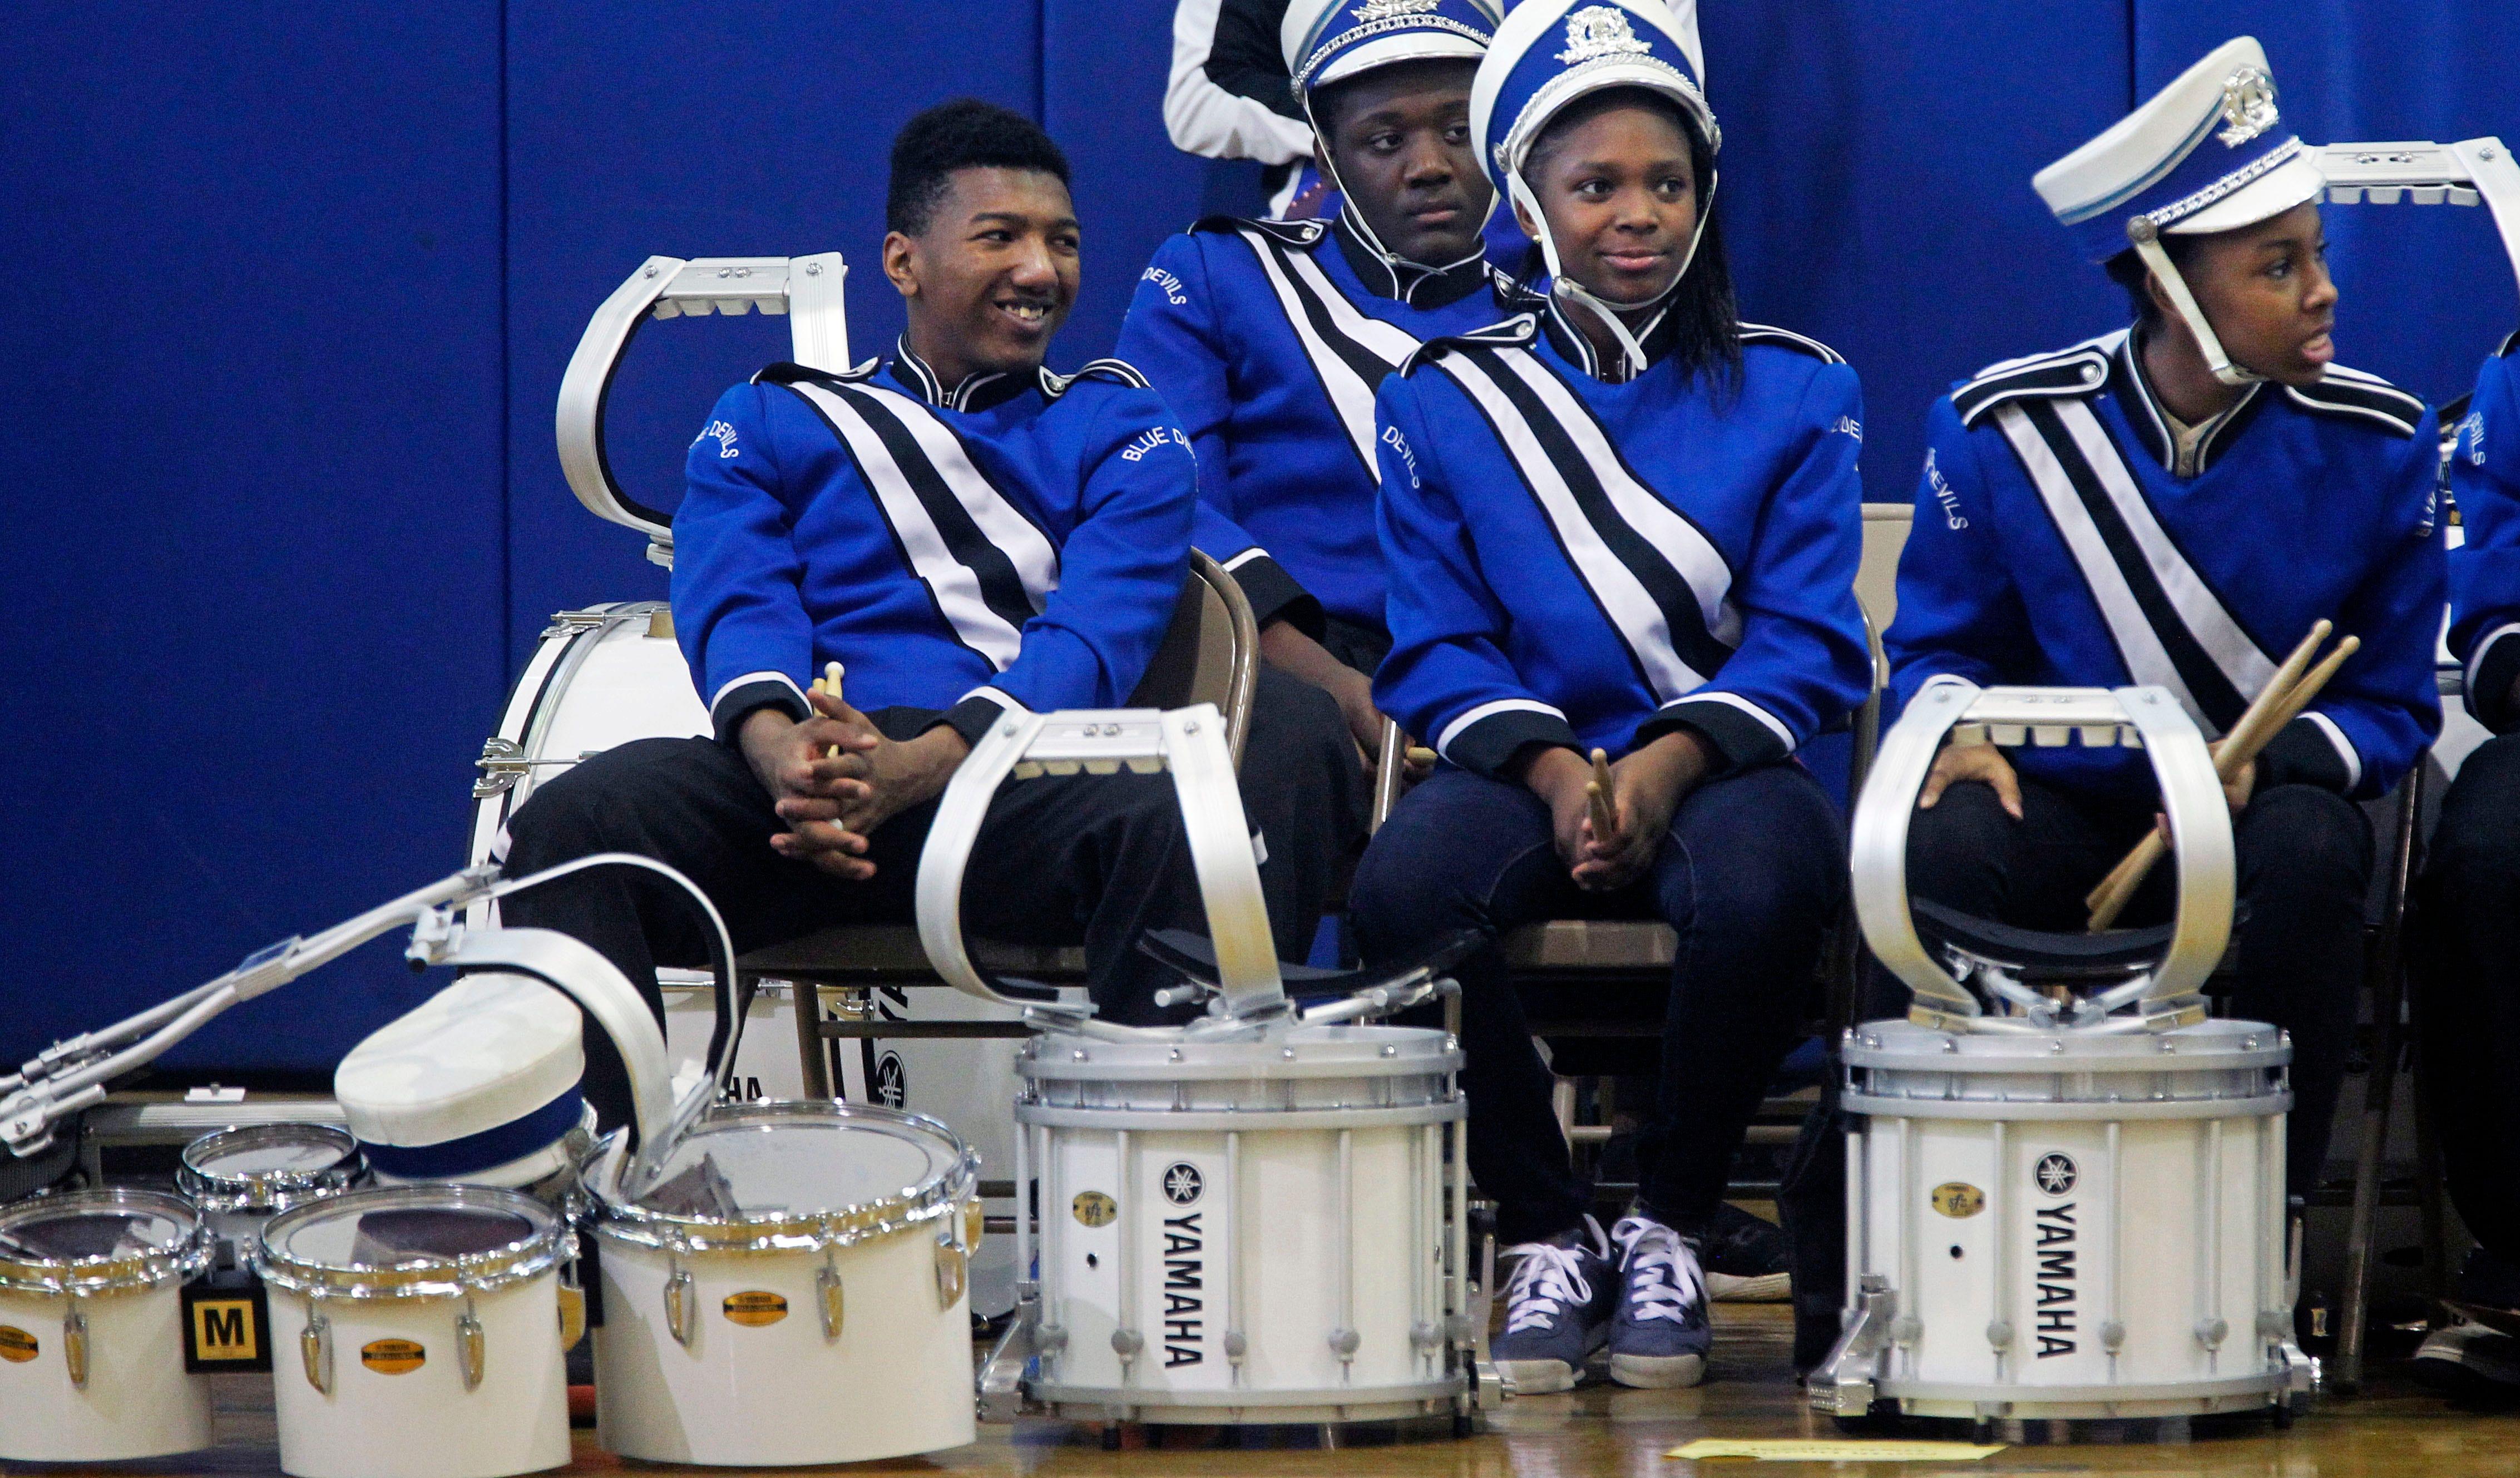 Indoor drumline uniforms for sale